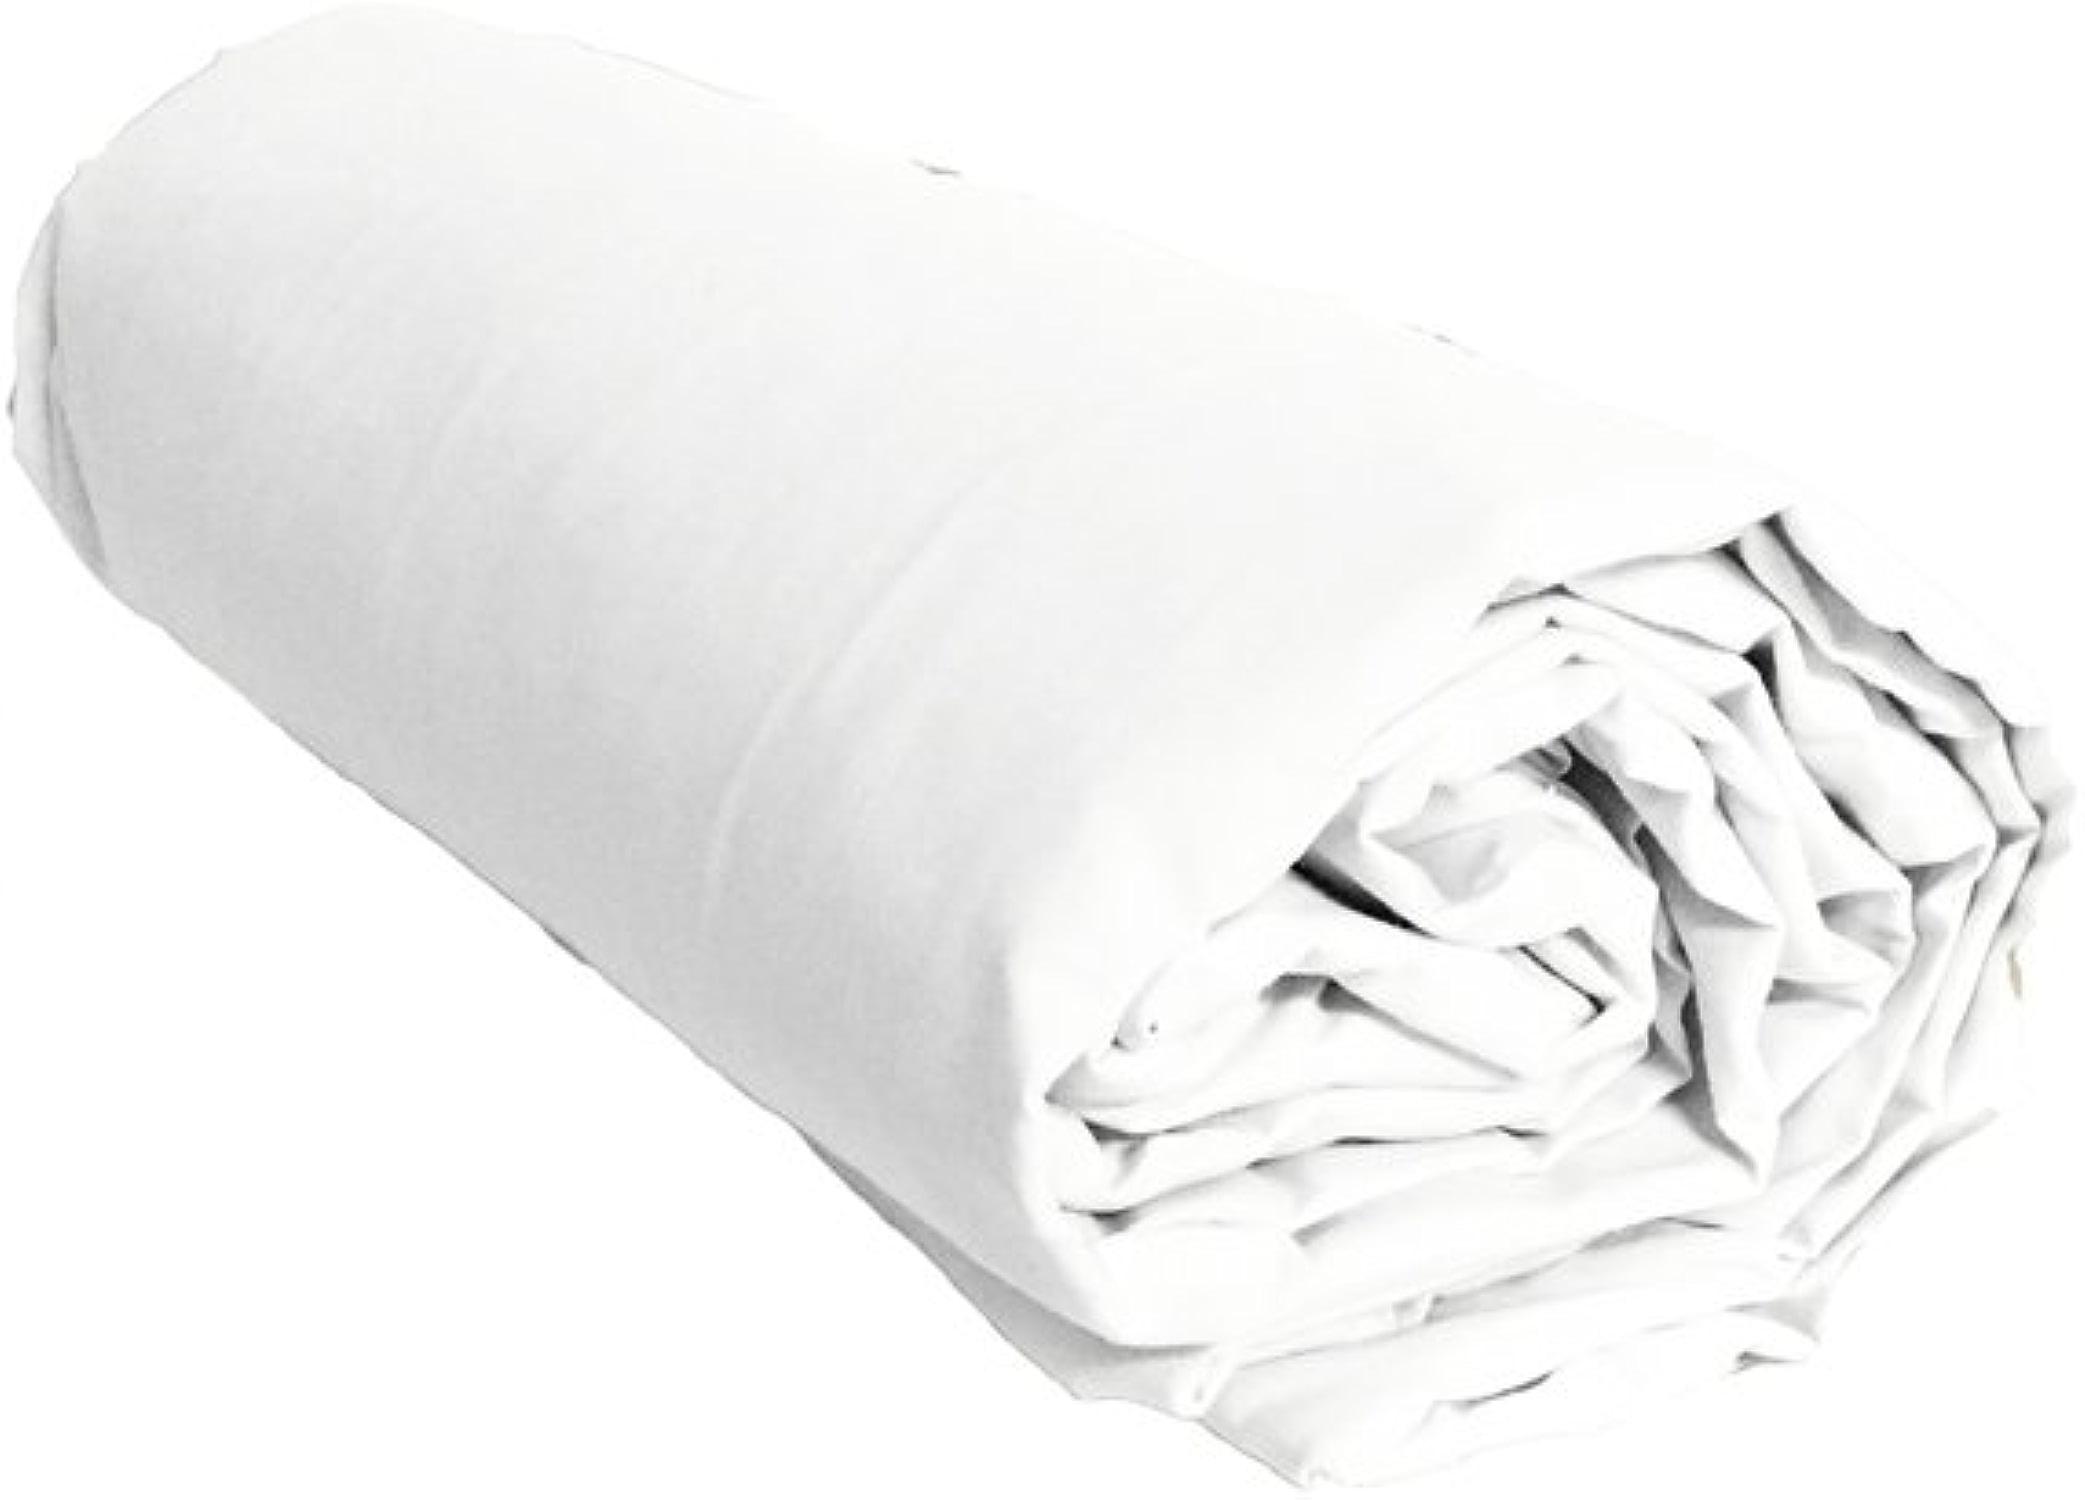 Drap Housse Uni Blanc Percale de Coton Salomé Prestige-200x200